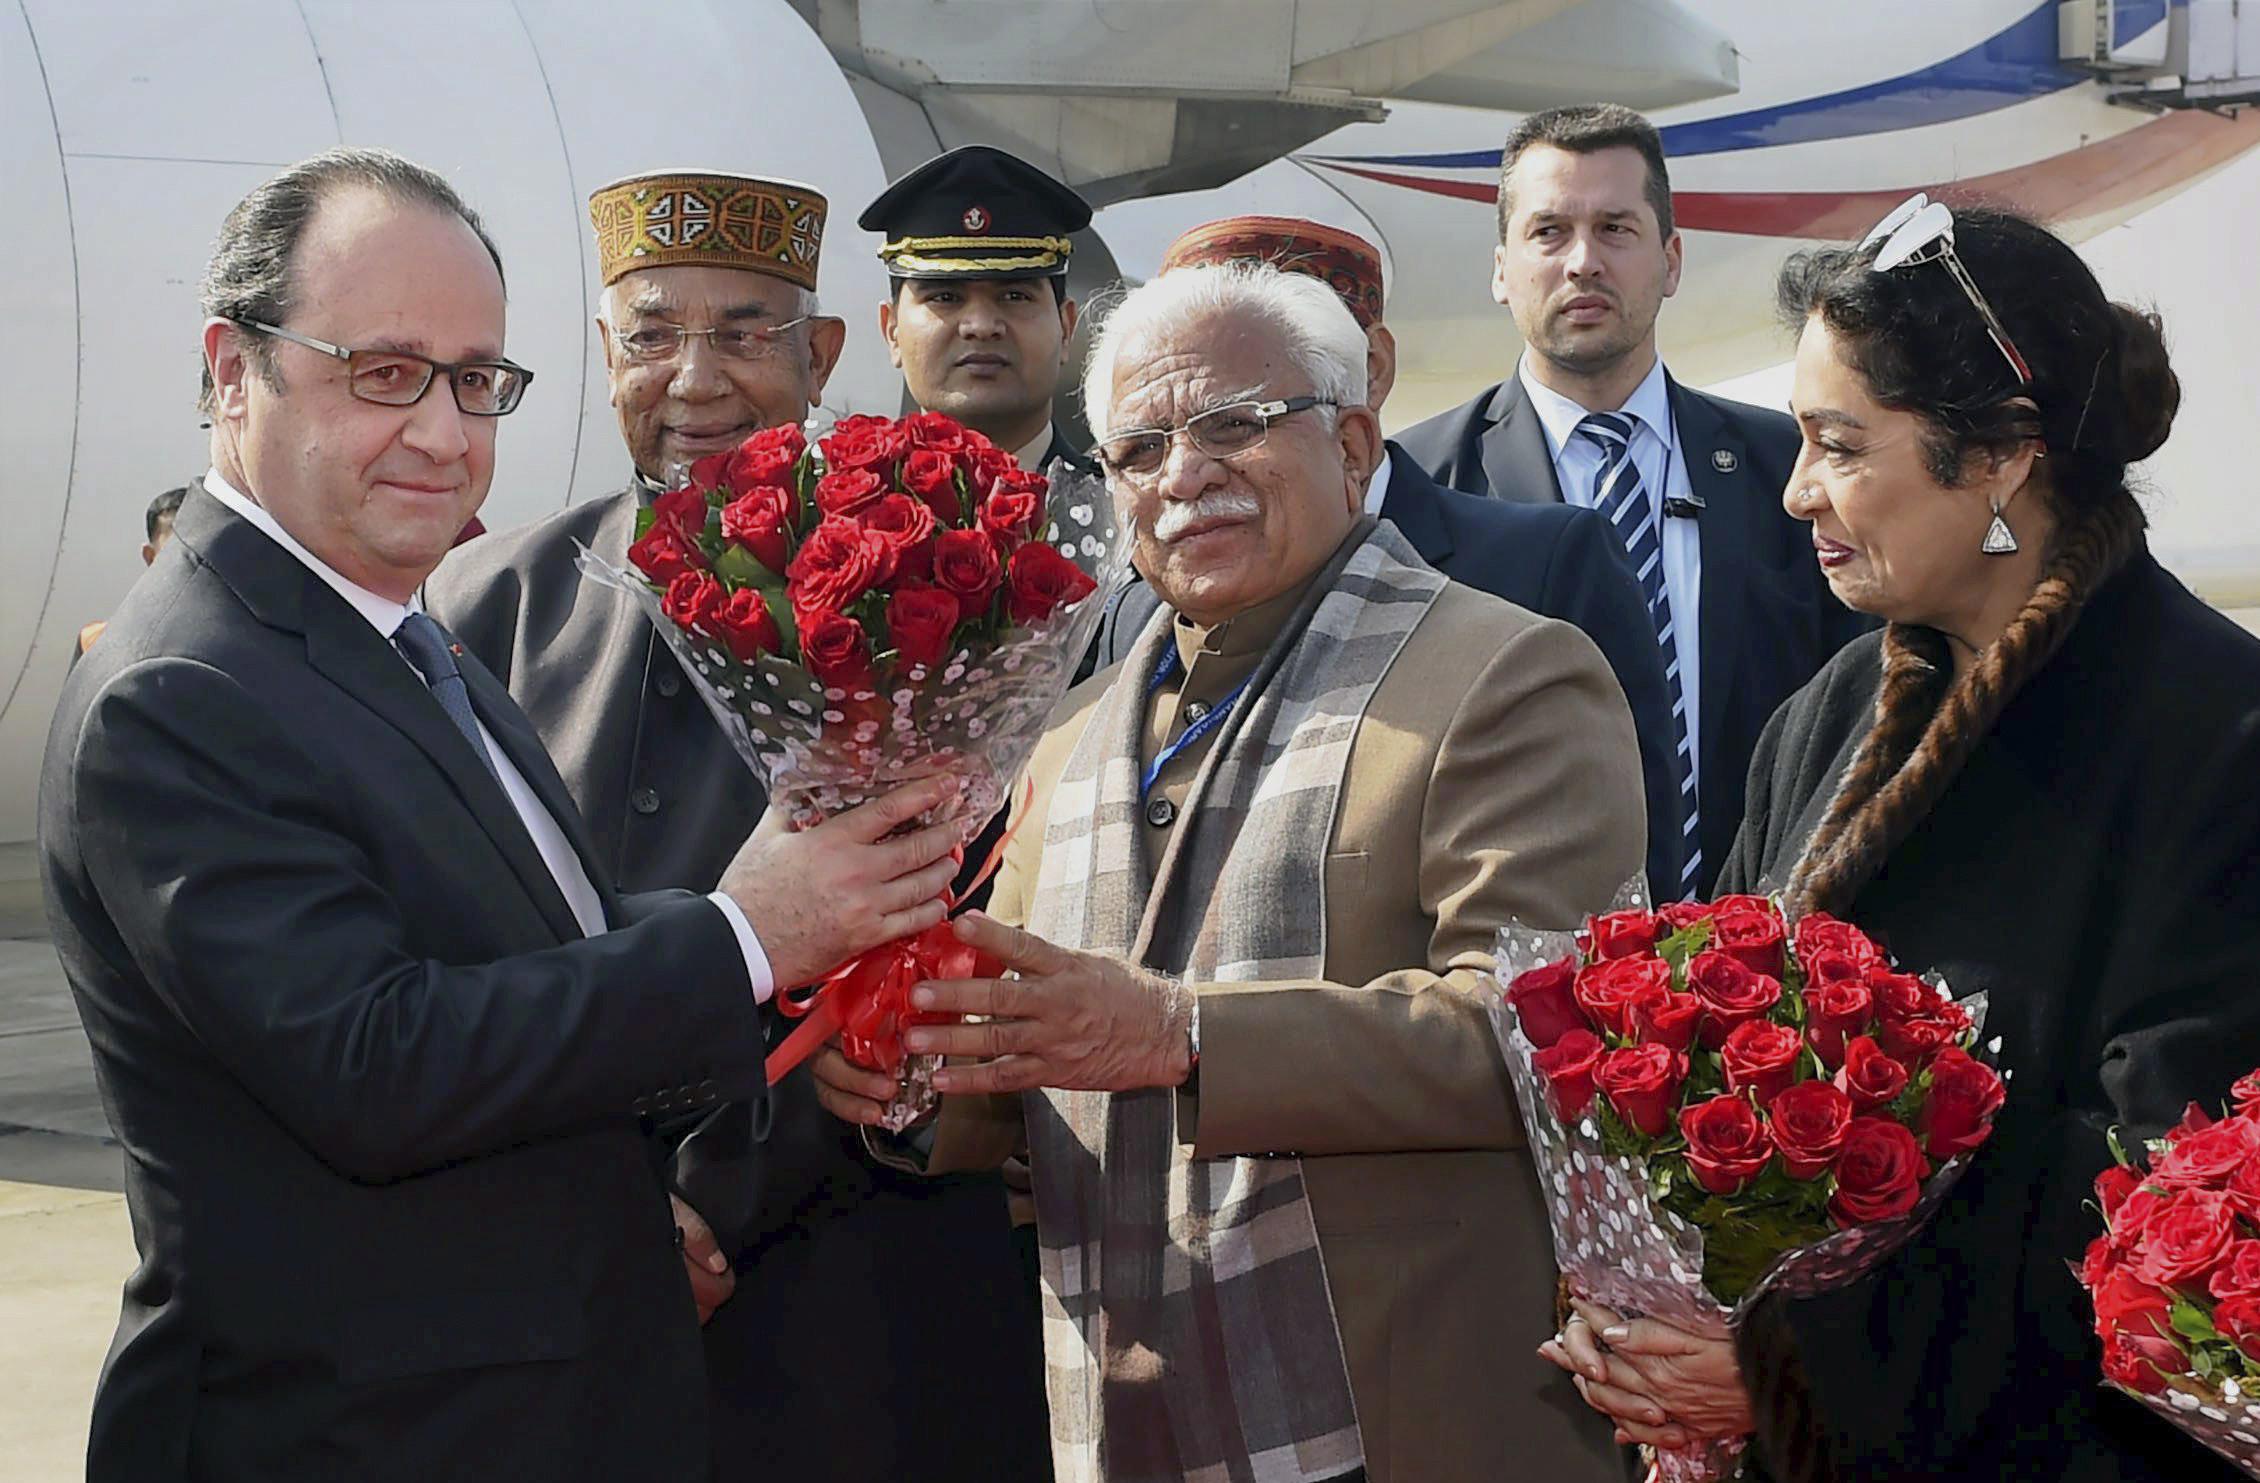 Le président français François Hollande, à gauche, reçoit des fleurs de Manohar Lal Khattar, le chef ministre de l'État d'Haryana, deuxième à droite, tandis que le gouverneur de l'État d'Haryana Kaptan Singh Solanki, deuxième à gauche, et député indienne Kirron Kher, à droite, se jointent en accueillant le président français à la base aérienne indienne de Chandigarh, en Inde, le dimanche 24 janvier 2016.